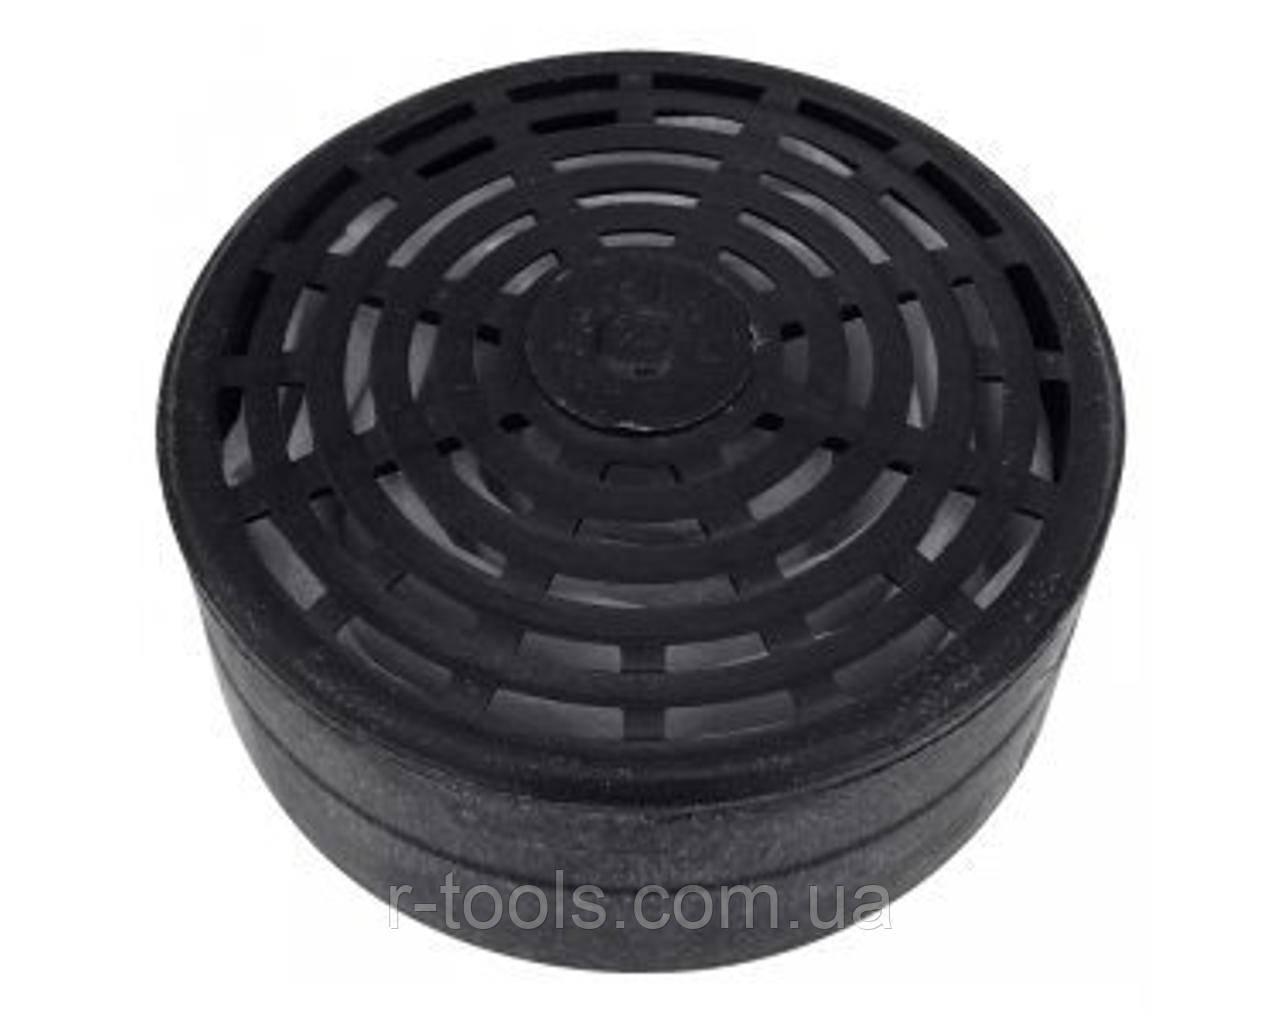 Фильтр сменный для респиратора РУ-60М марка А1В1Е1Р2 ФП пластиковый цвет чёрный DR-0012